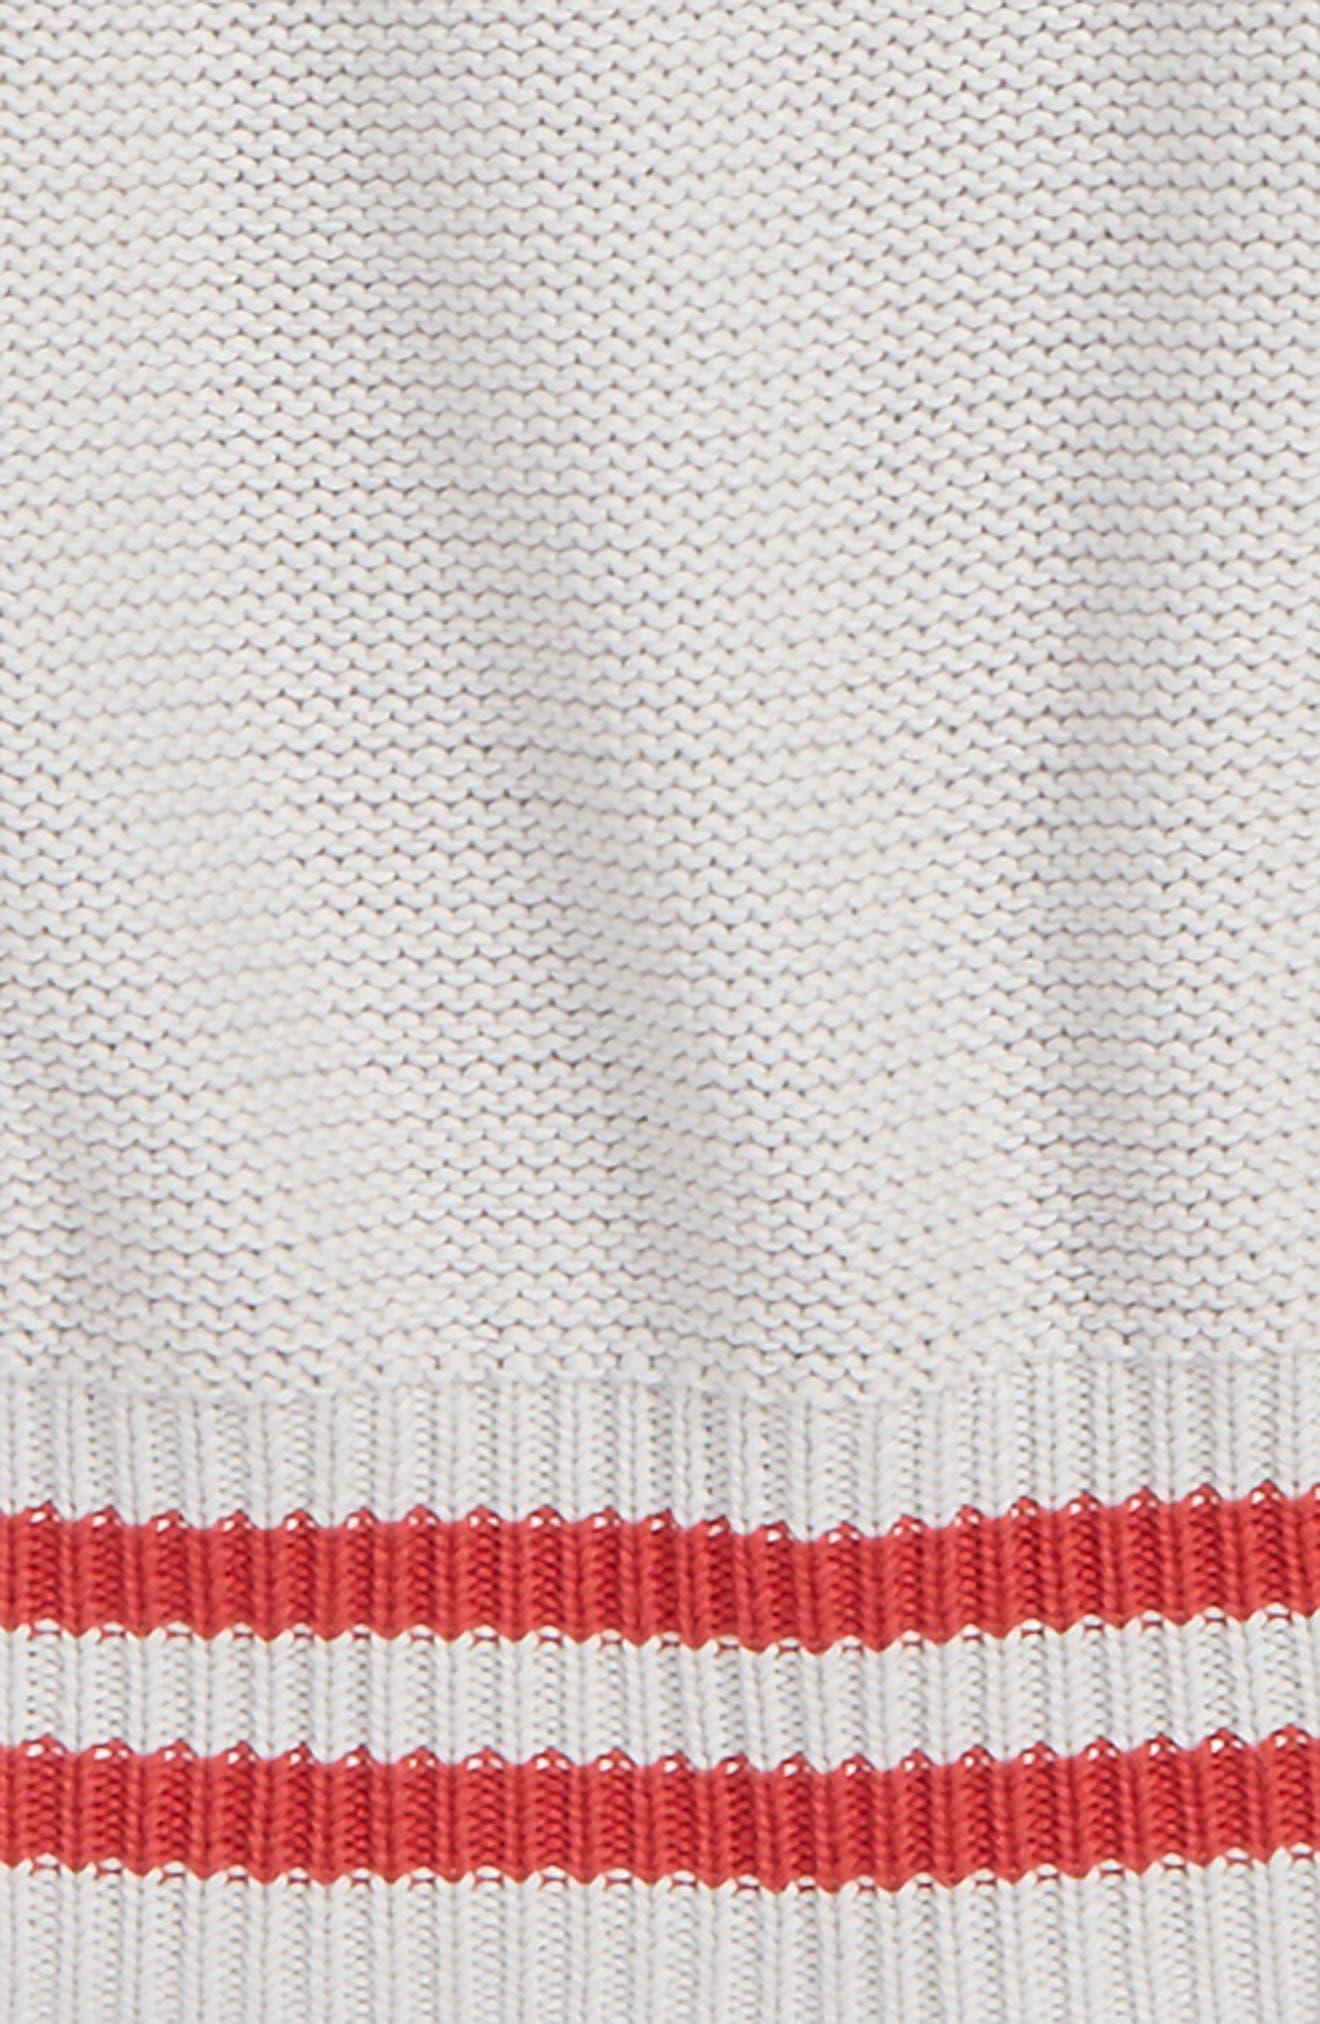 Alternate Image 2  - Maddie Colorblock Raglan Sweater (Big Girls)